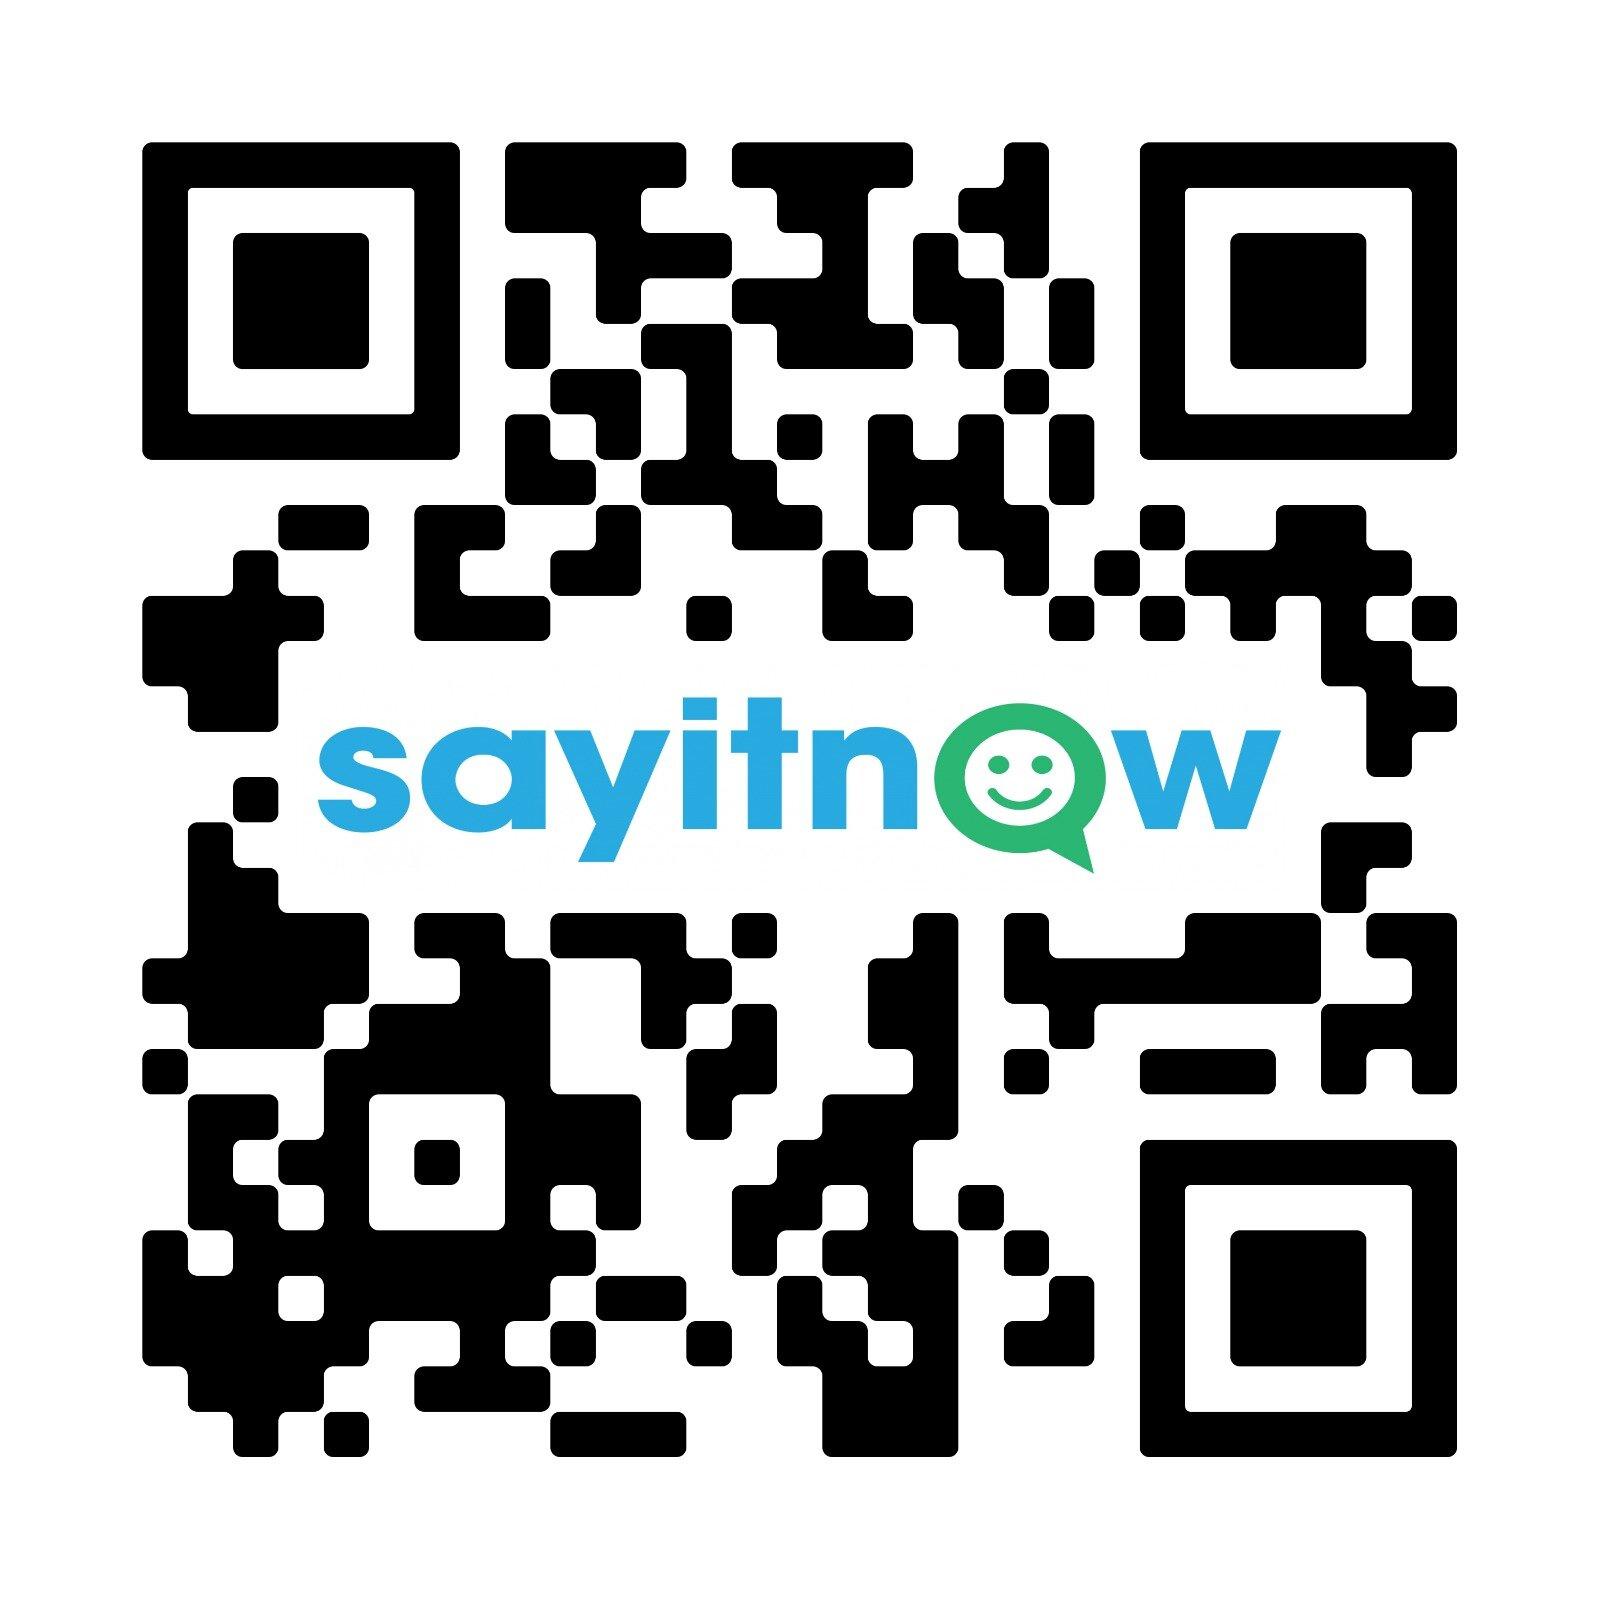 WhatsApp Image 2020-03-10 at 19.36.13.jpeg